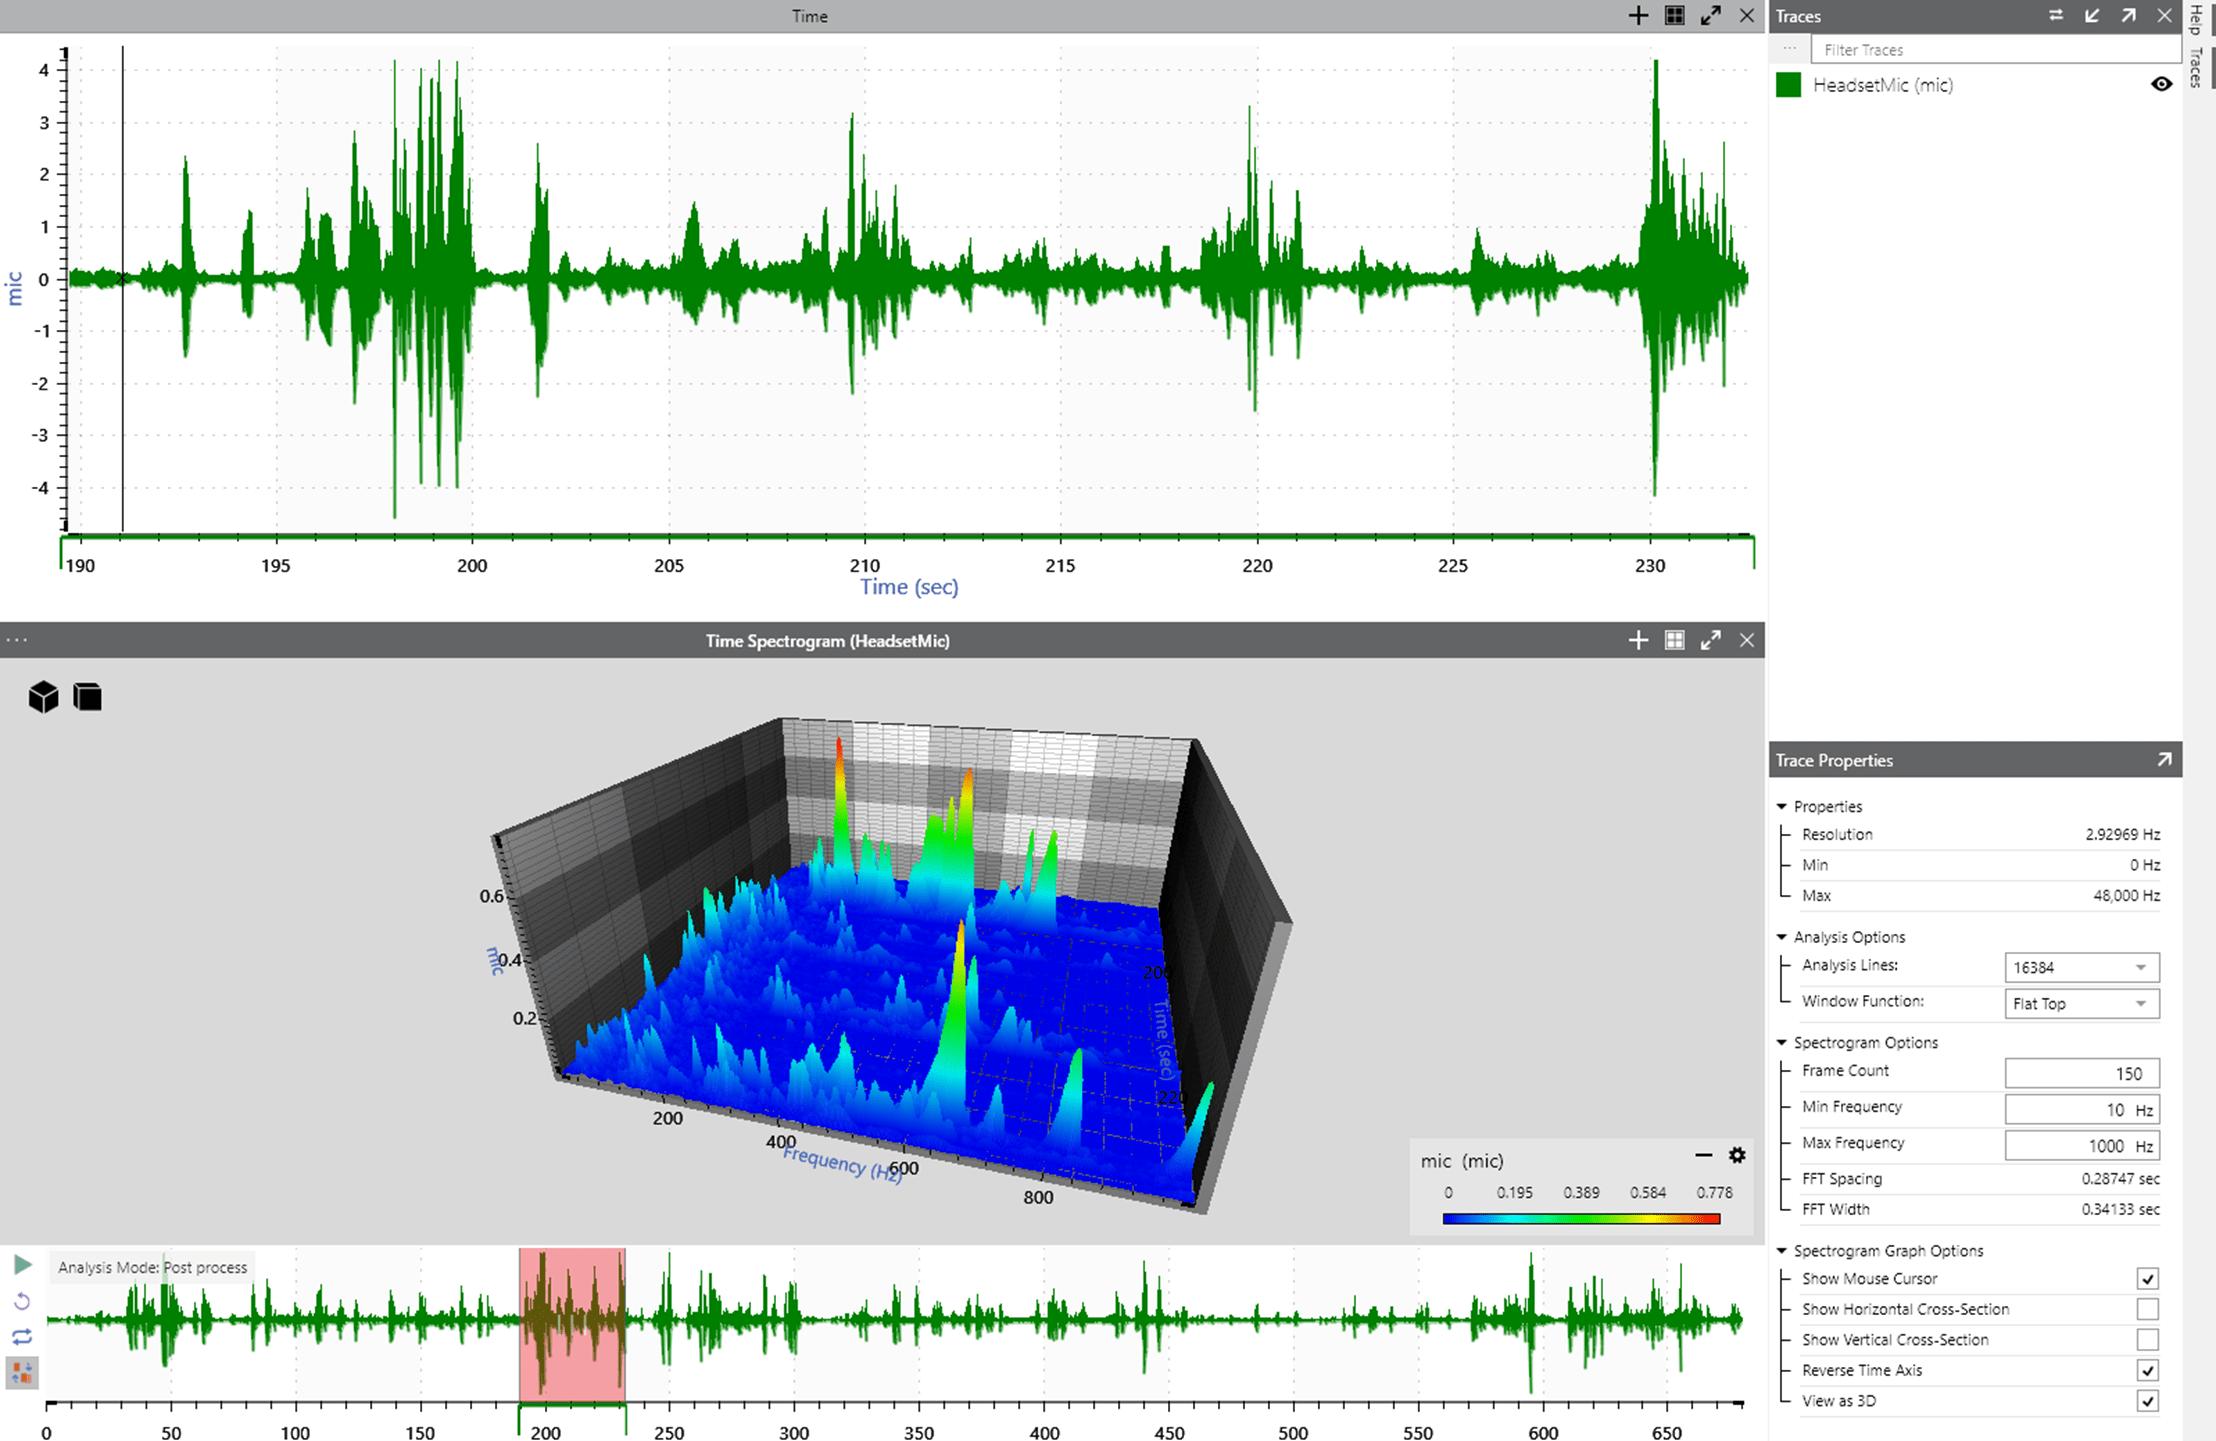 time waveform and spectrogram